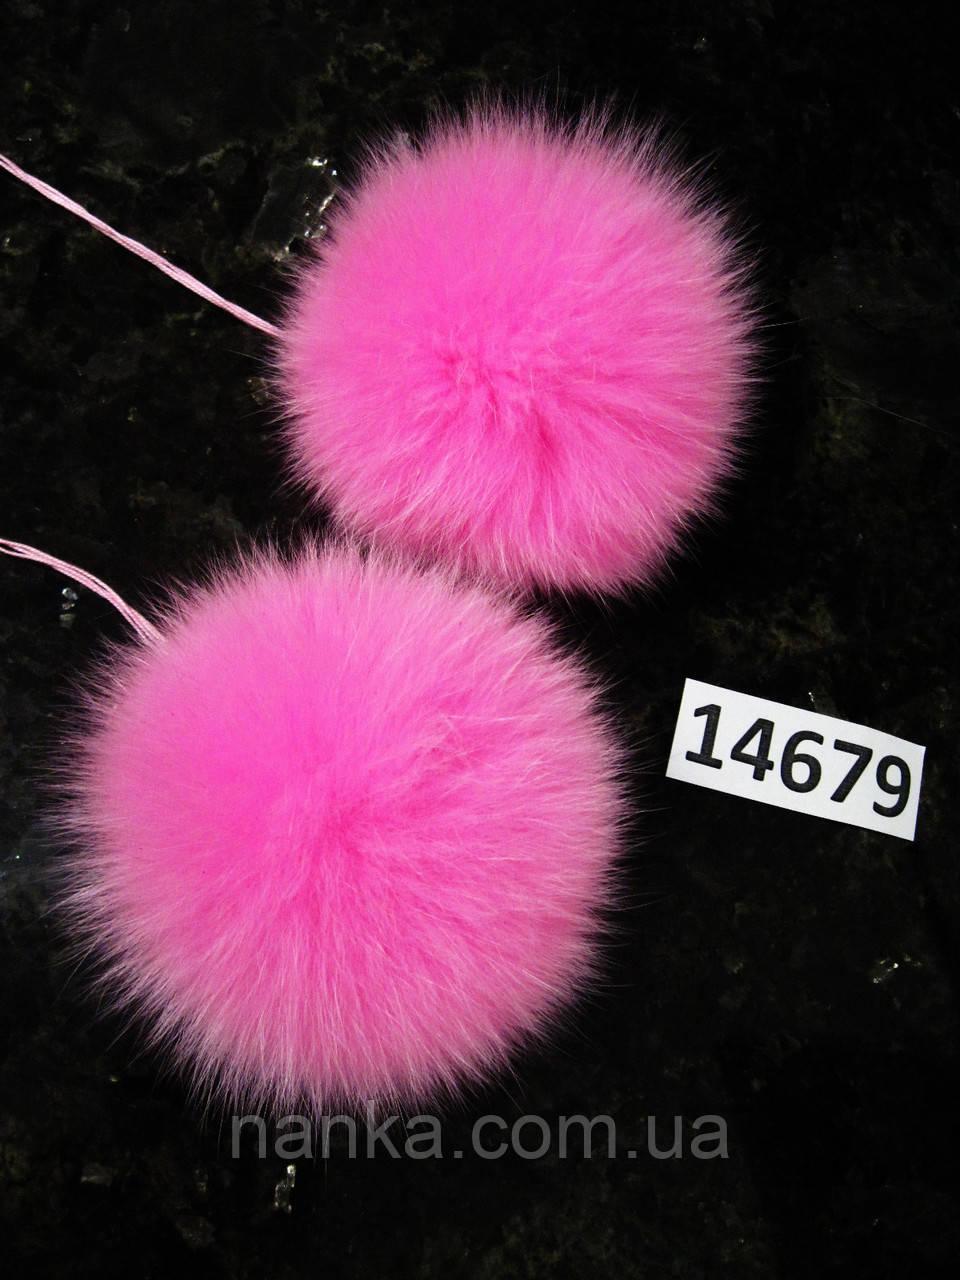 Меховой помпон Песец, Розовый, 11 см, пара 14679